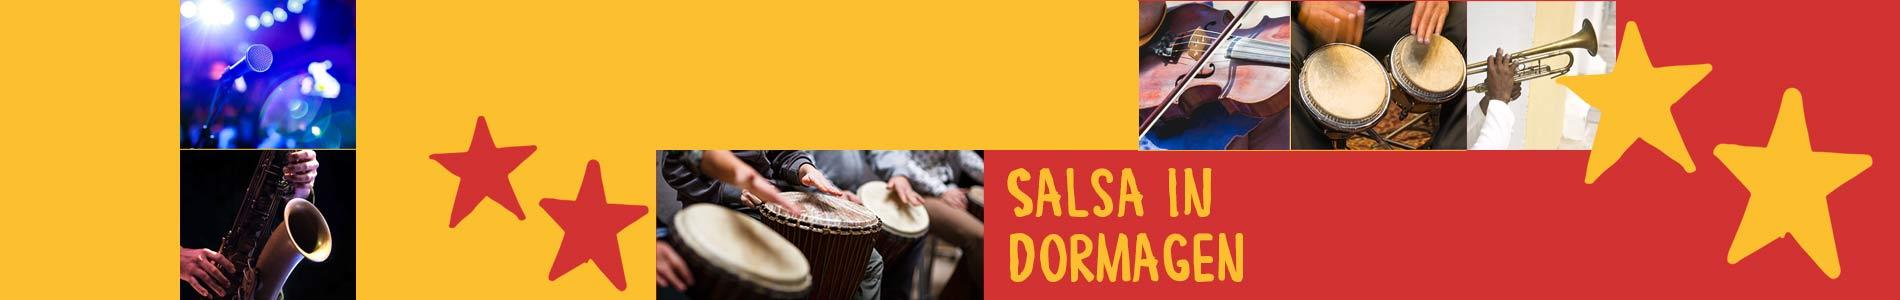 Salsa in Dormagen – Salsa lernen und tanzen, Tanzkurse, Partys, Veranstaltungen